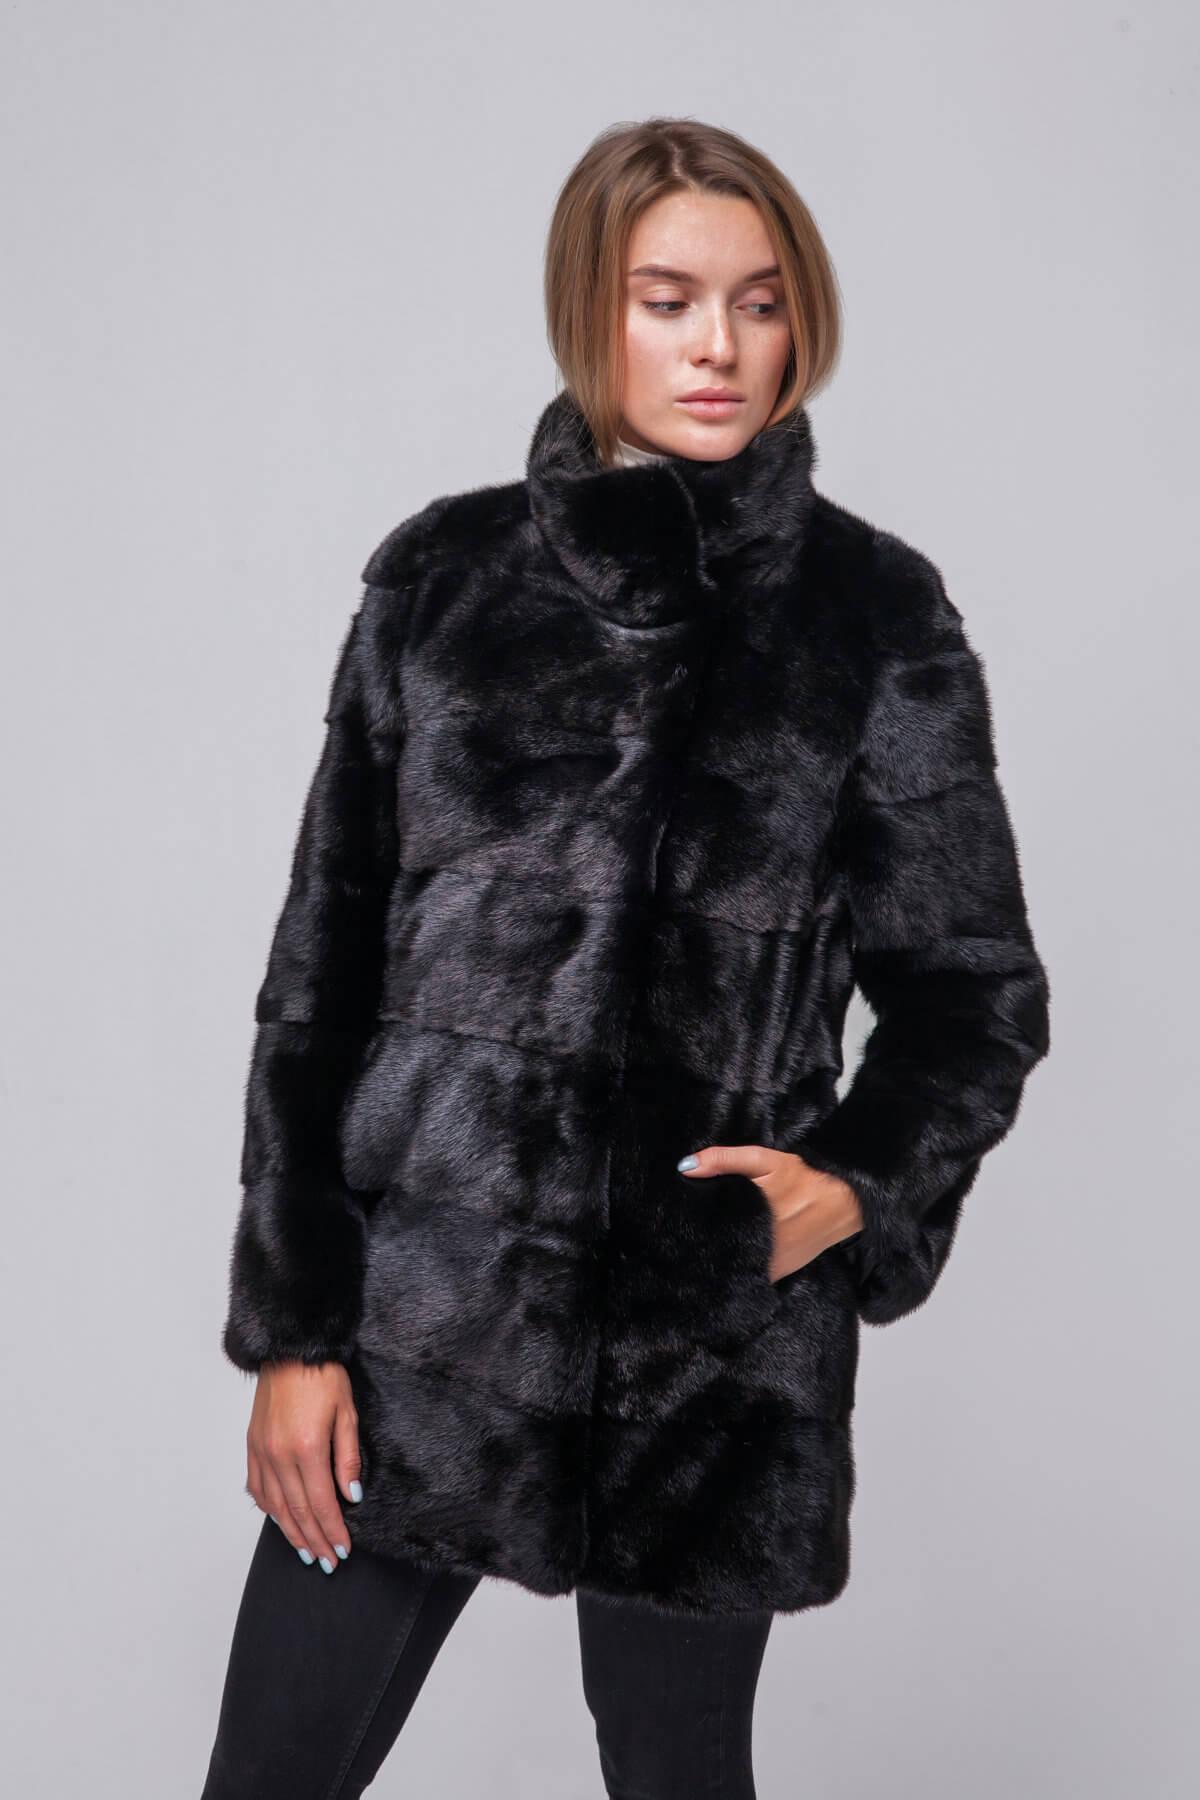 Полупальто из скандинавской норки Kopenhagen Fur. Фото 3